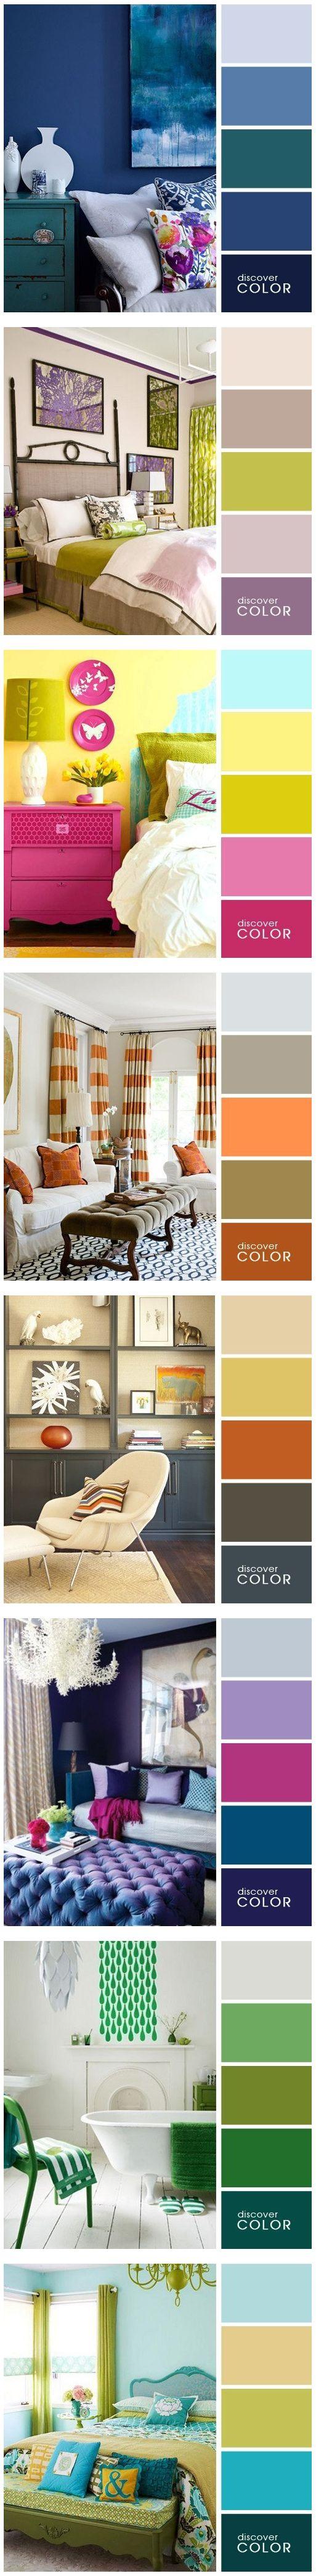 Interior home design and colour #Luxurydotcom